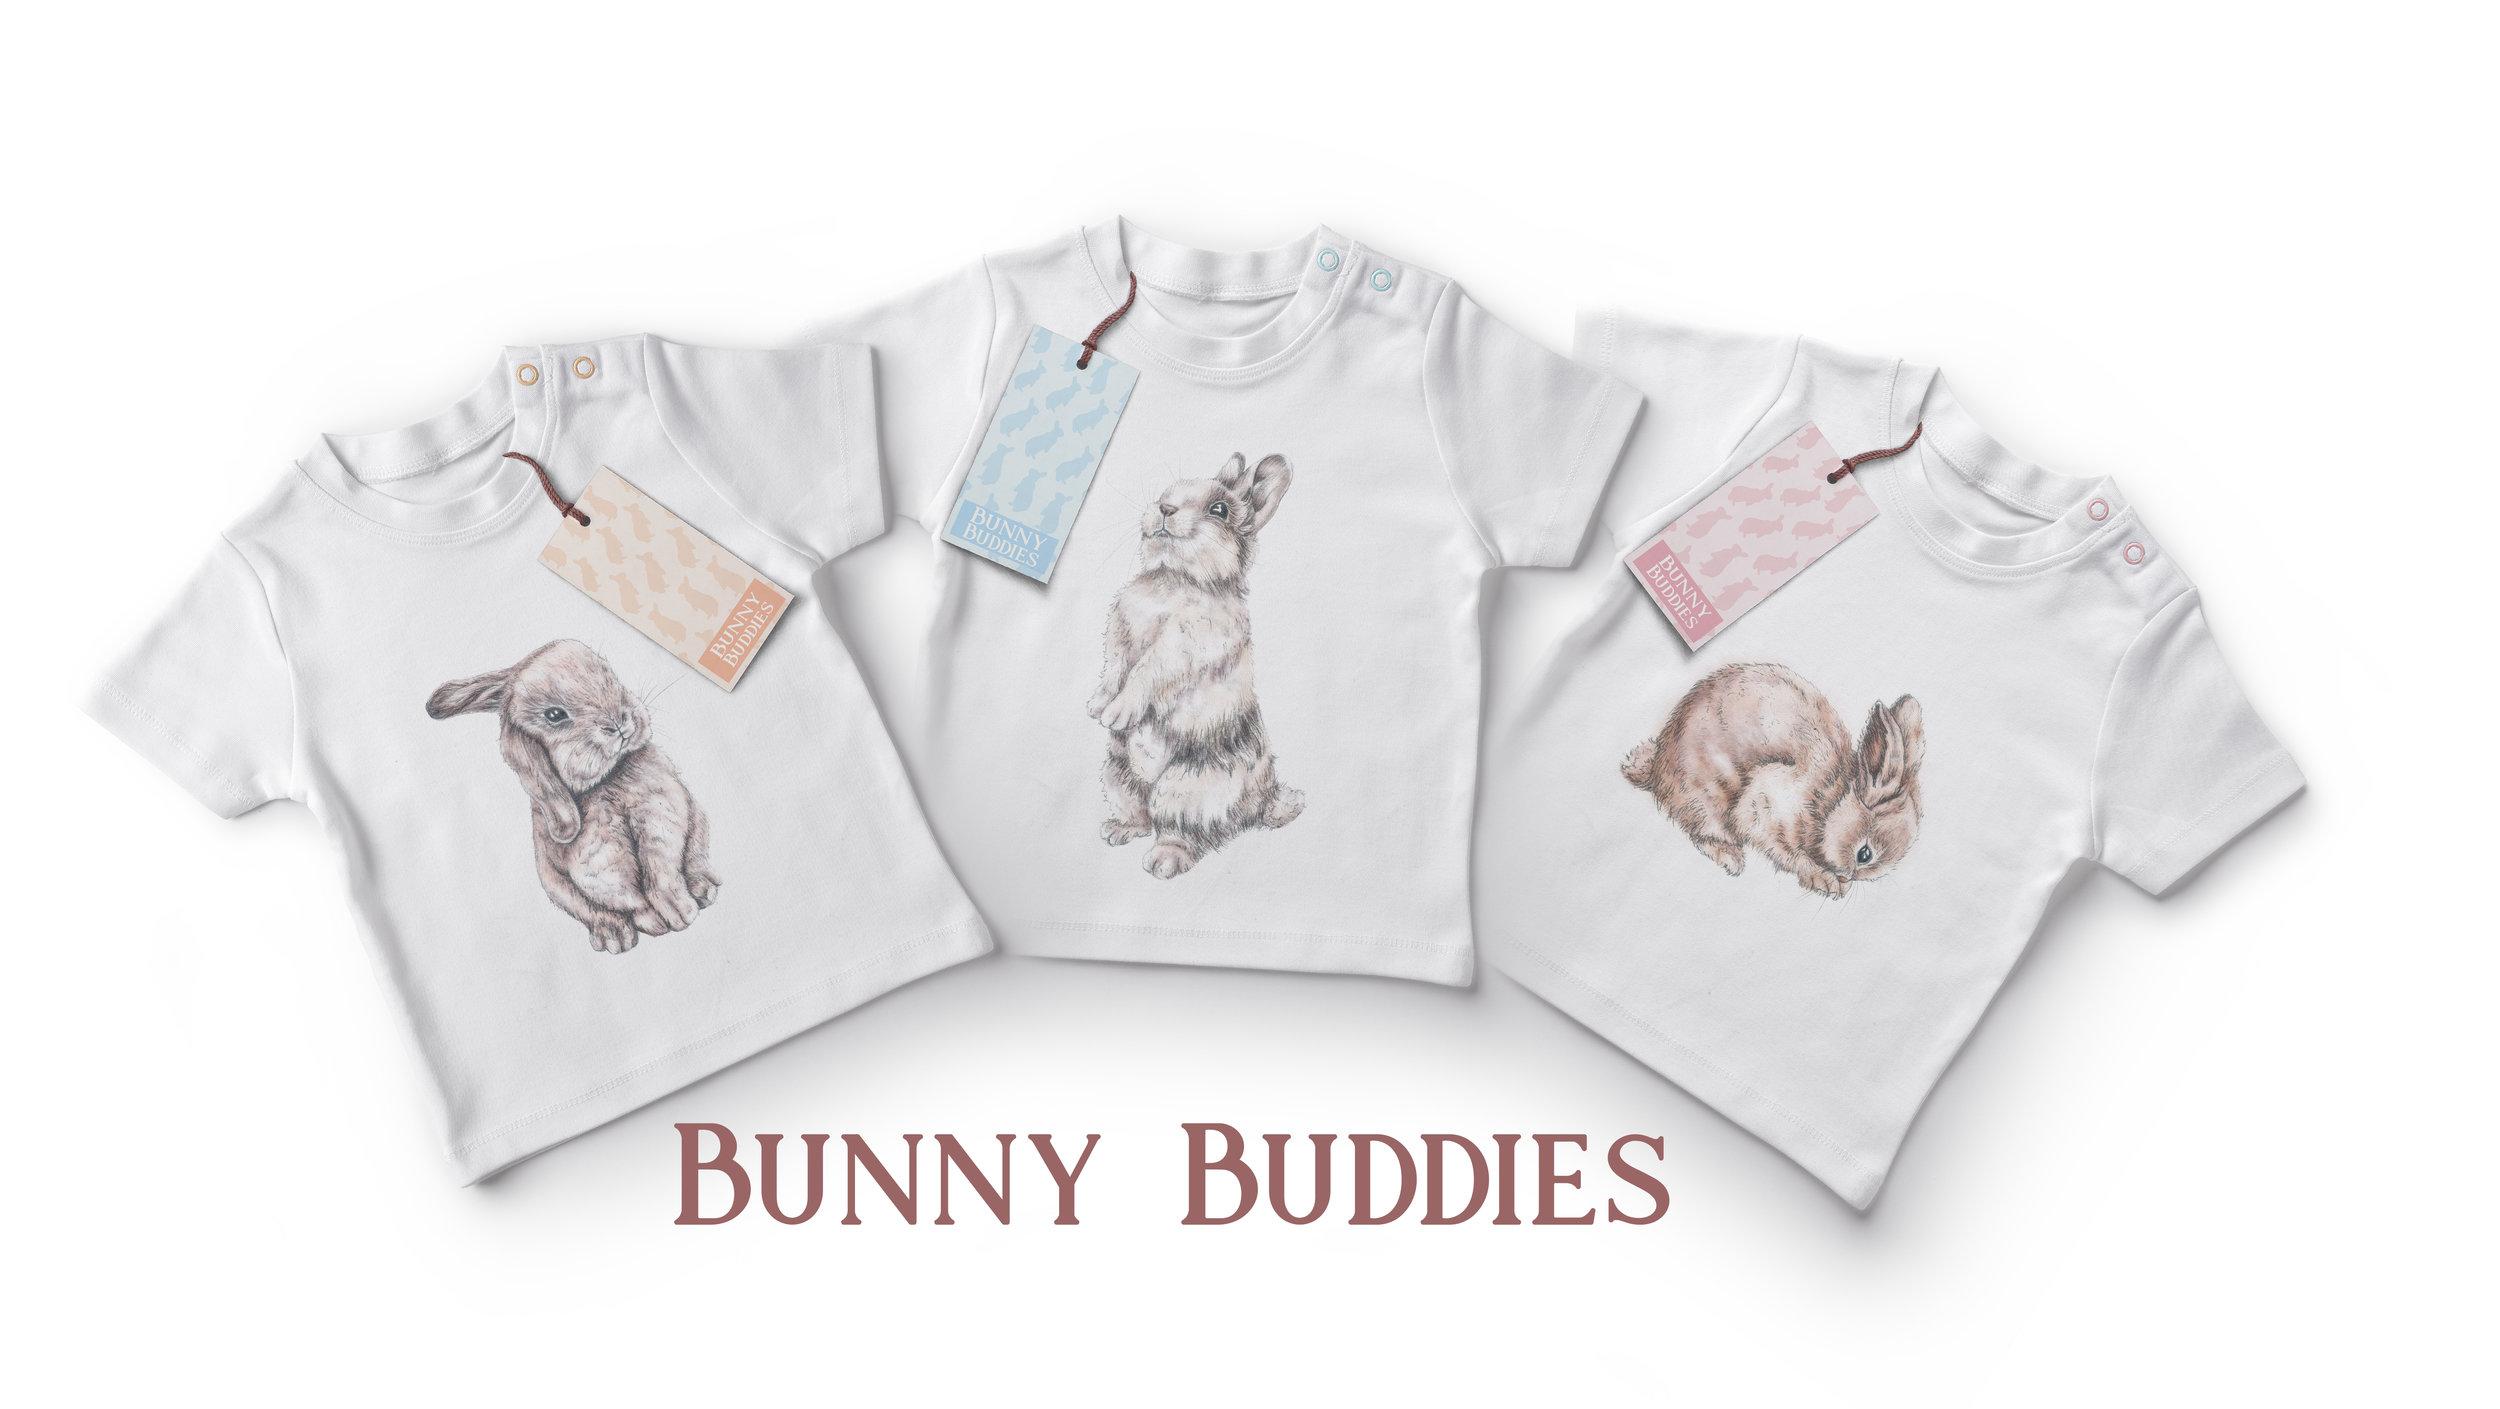 bunny buddies tee spread.jpg